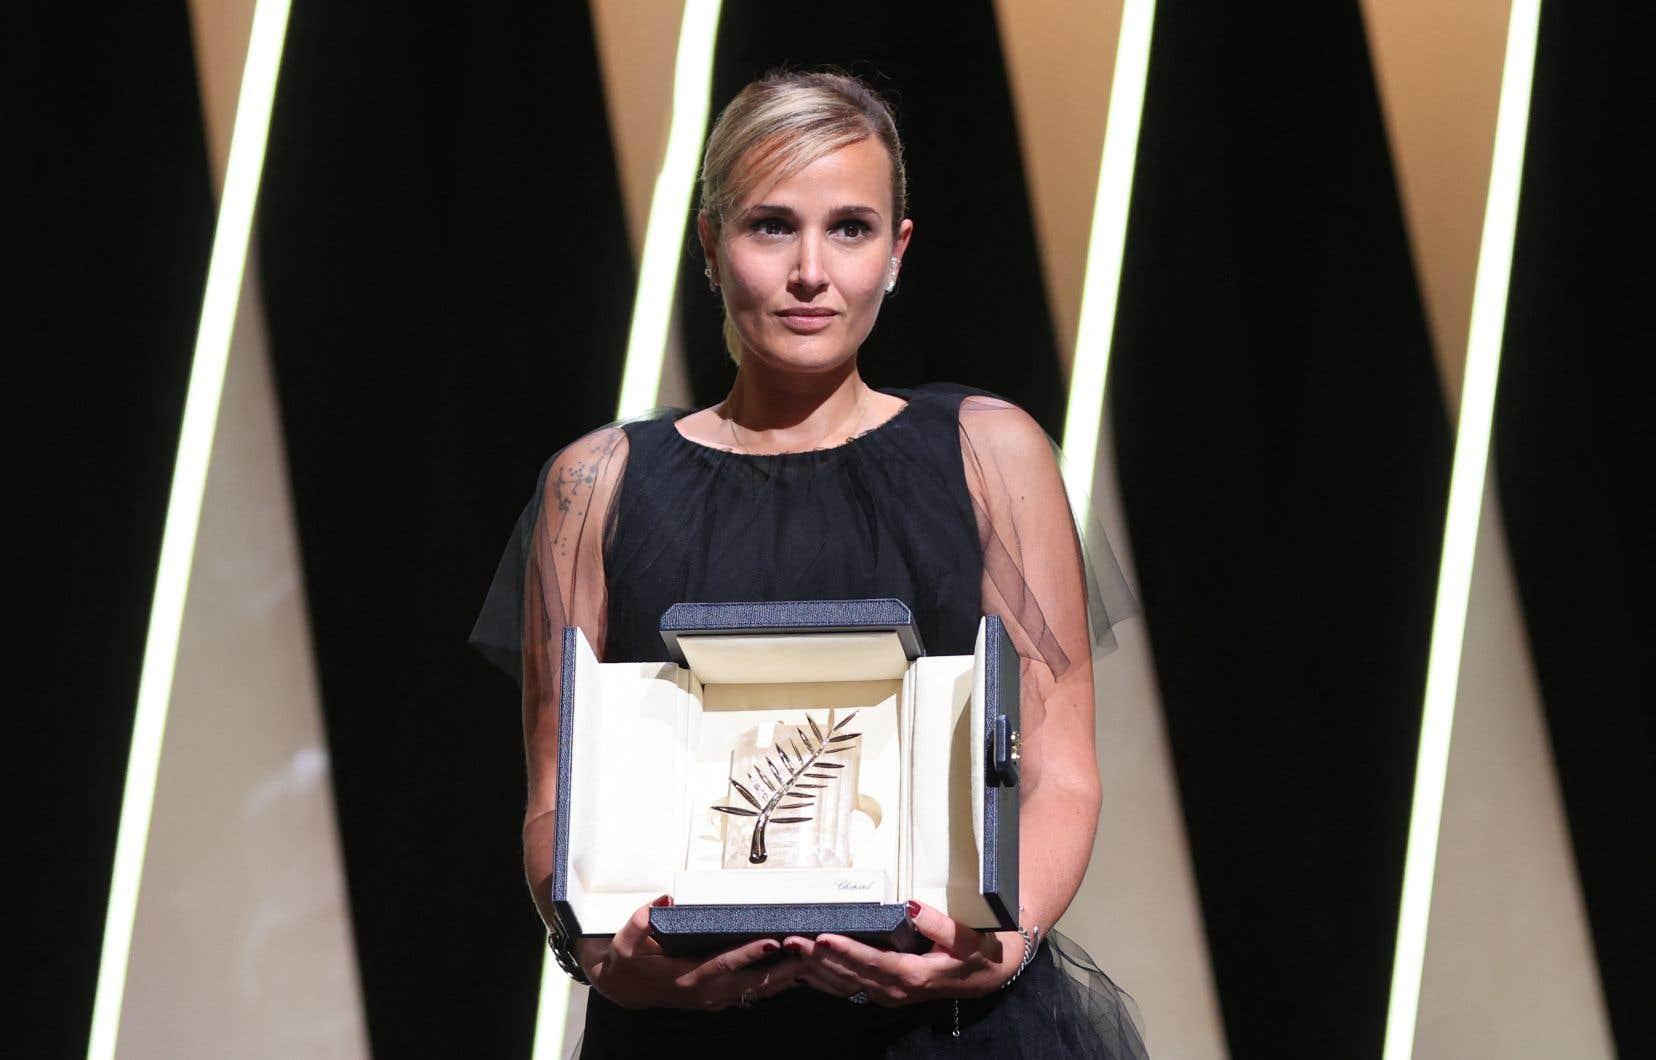 L'électrique «Titane» de la Française Julia Ducournau a remporté samedi soir la prestigieuse Palme d'or au Palais.